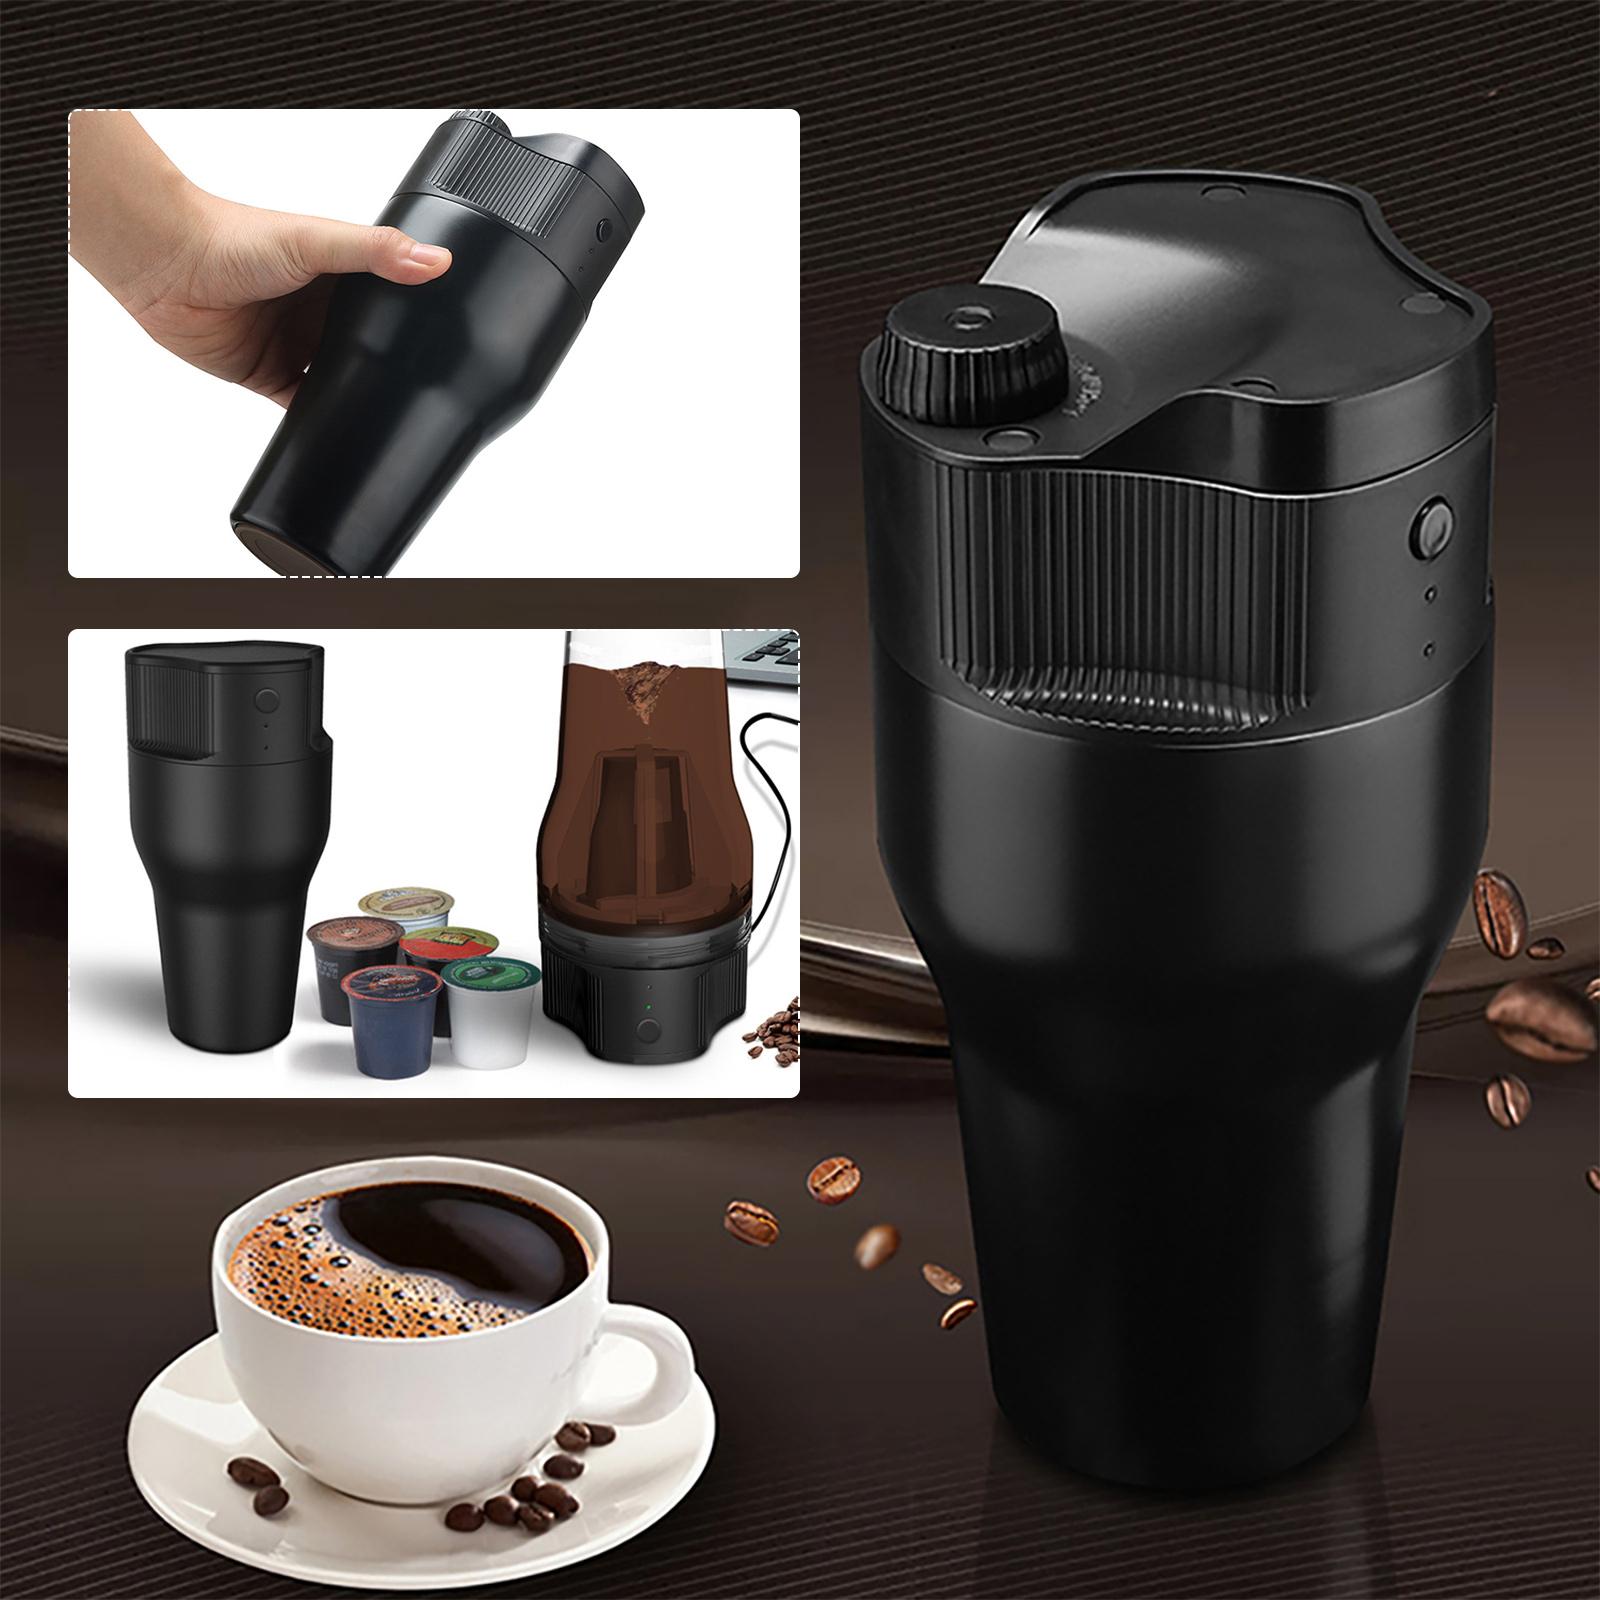 500มิลลิลิตรรอบสกัดเครื่องชงกาแฟกลางแจ้งมือถือหม้อแบบพกพาUSBเครื่องทำกาแฟไฟฟ้าเครื่องกาแฟแบบแคปซูล 5oOo